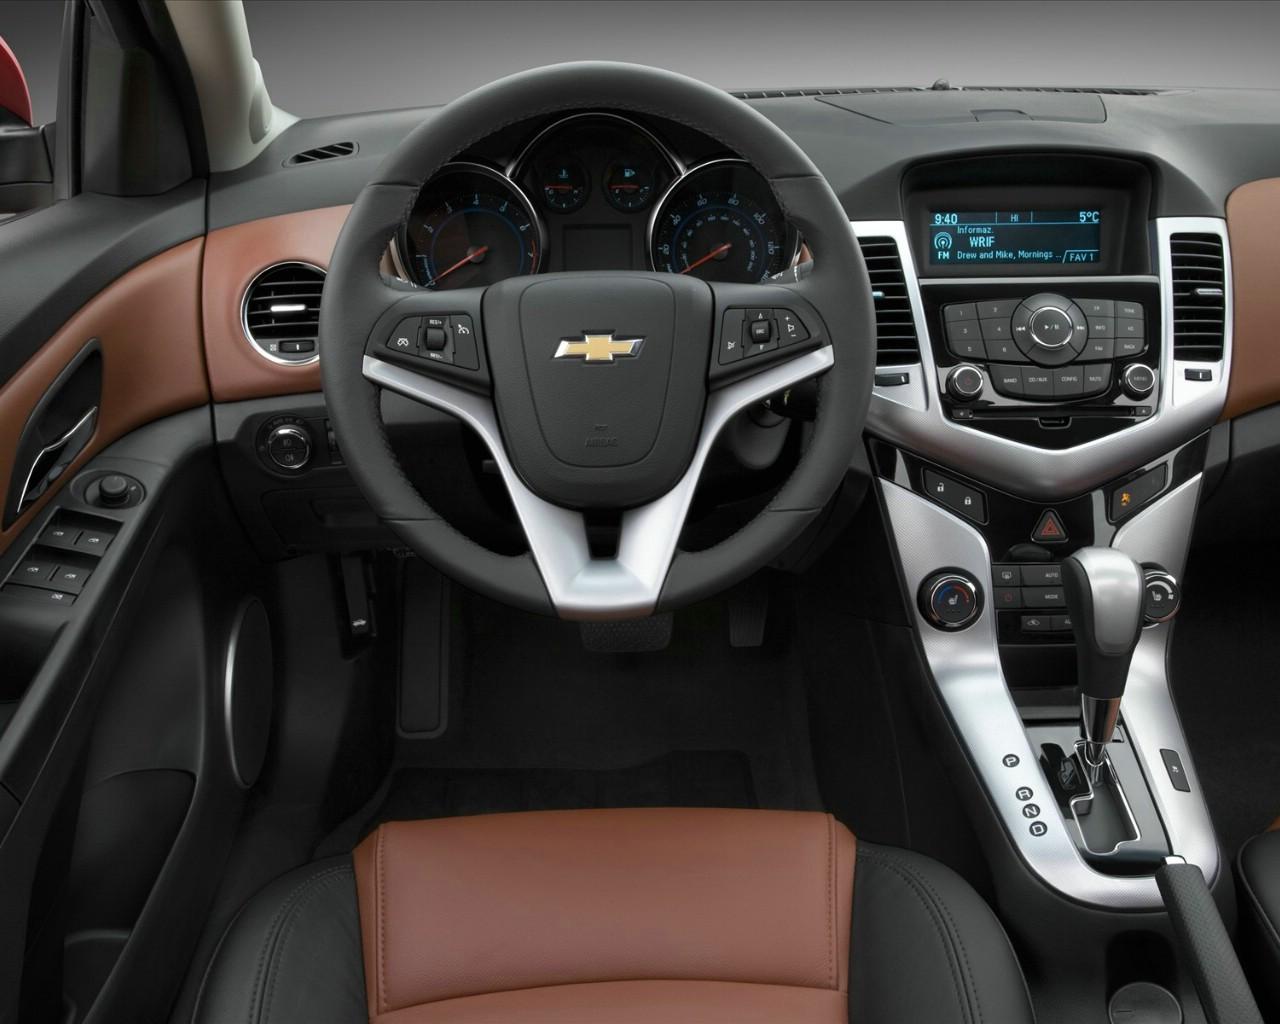 2011款科鲁兹 Chevrolet Cruze 壁纸17高清图片